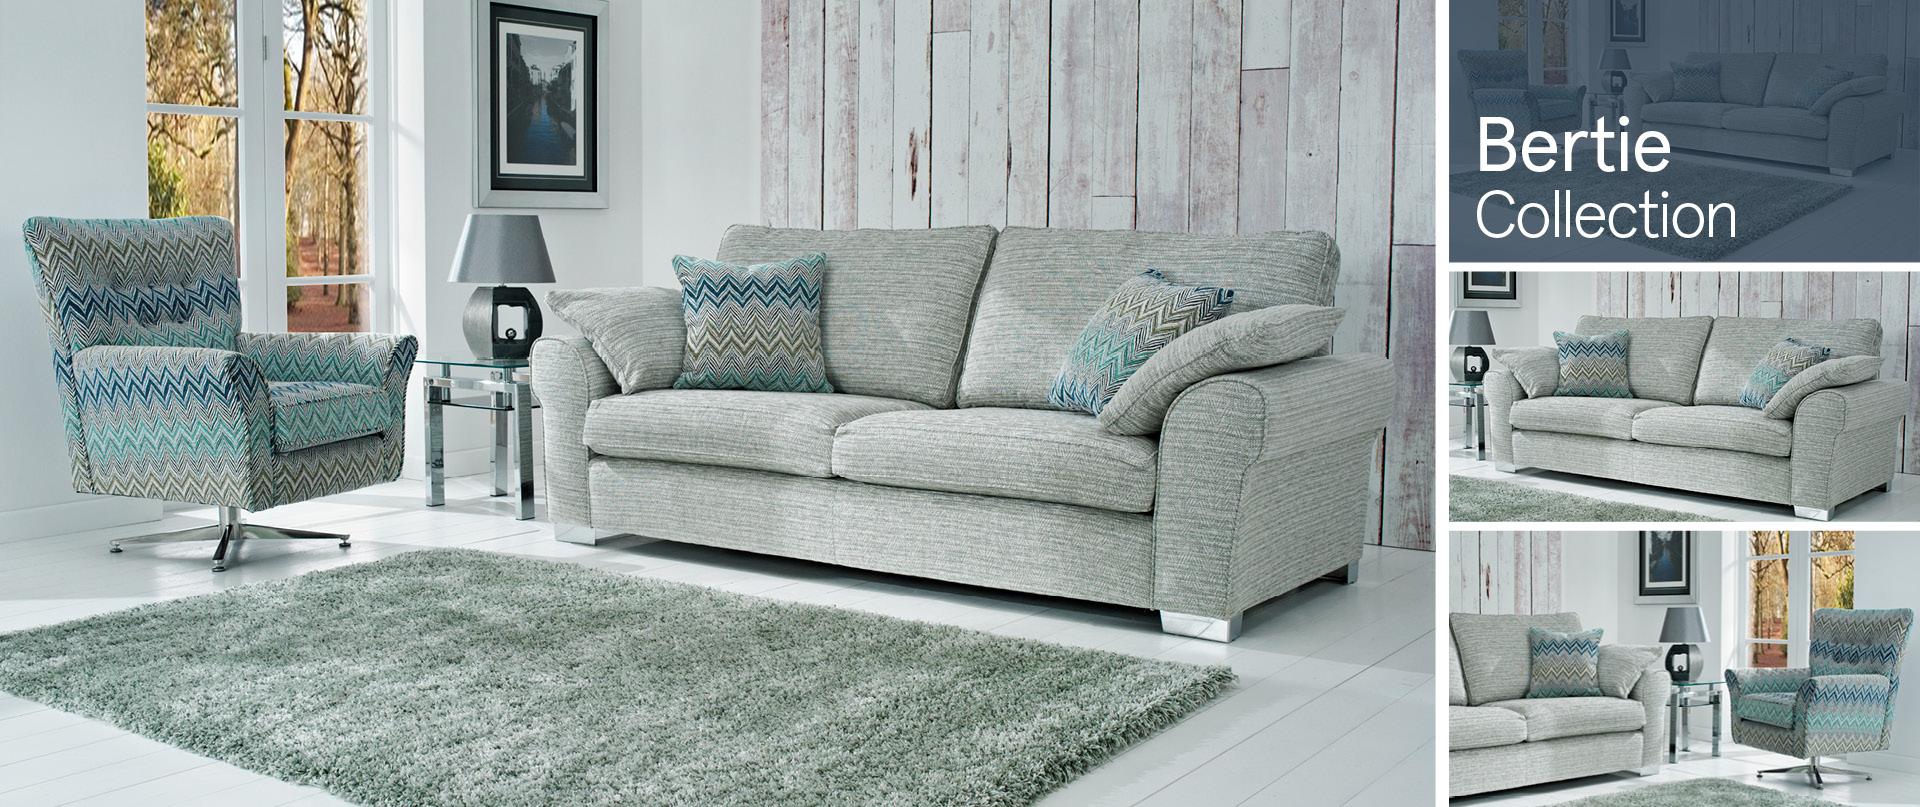 Bertie Fabric Sofa Ranges